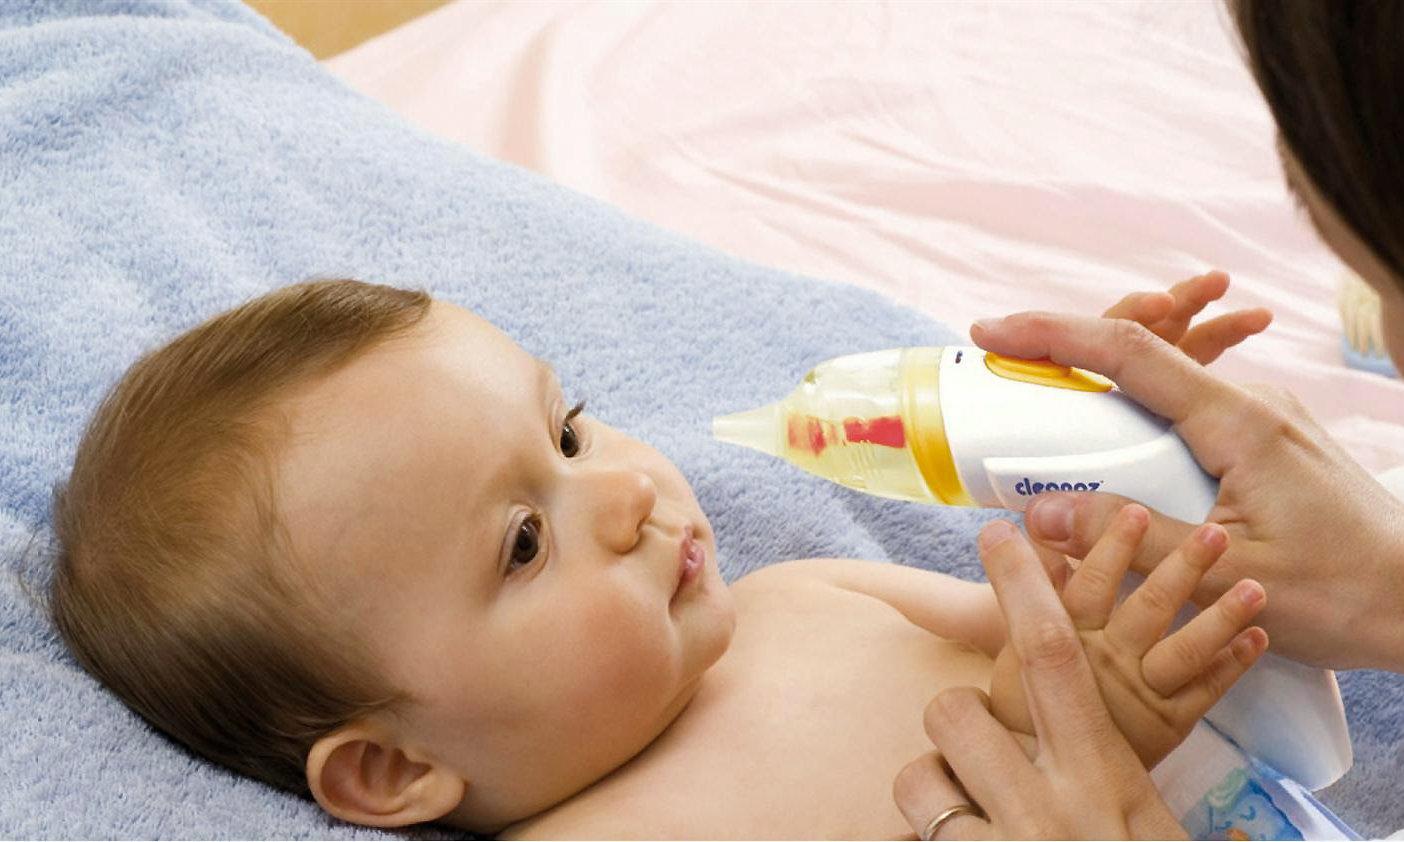 чем капать нос новорожденному от насморка вакцинация